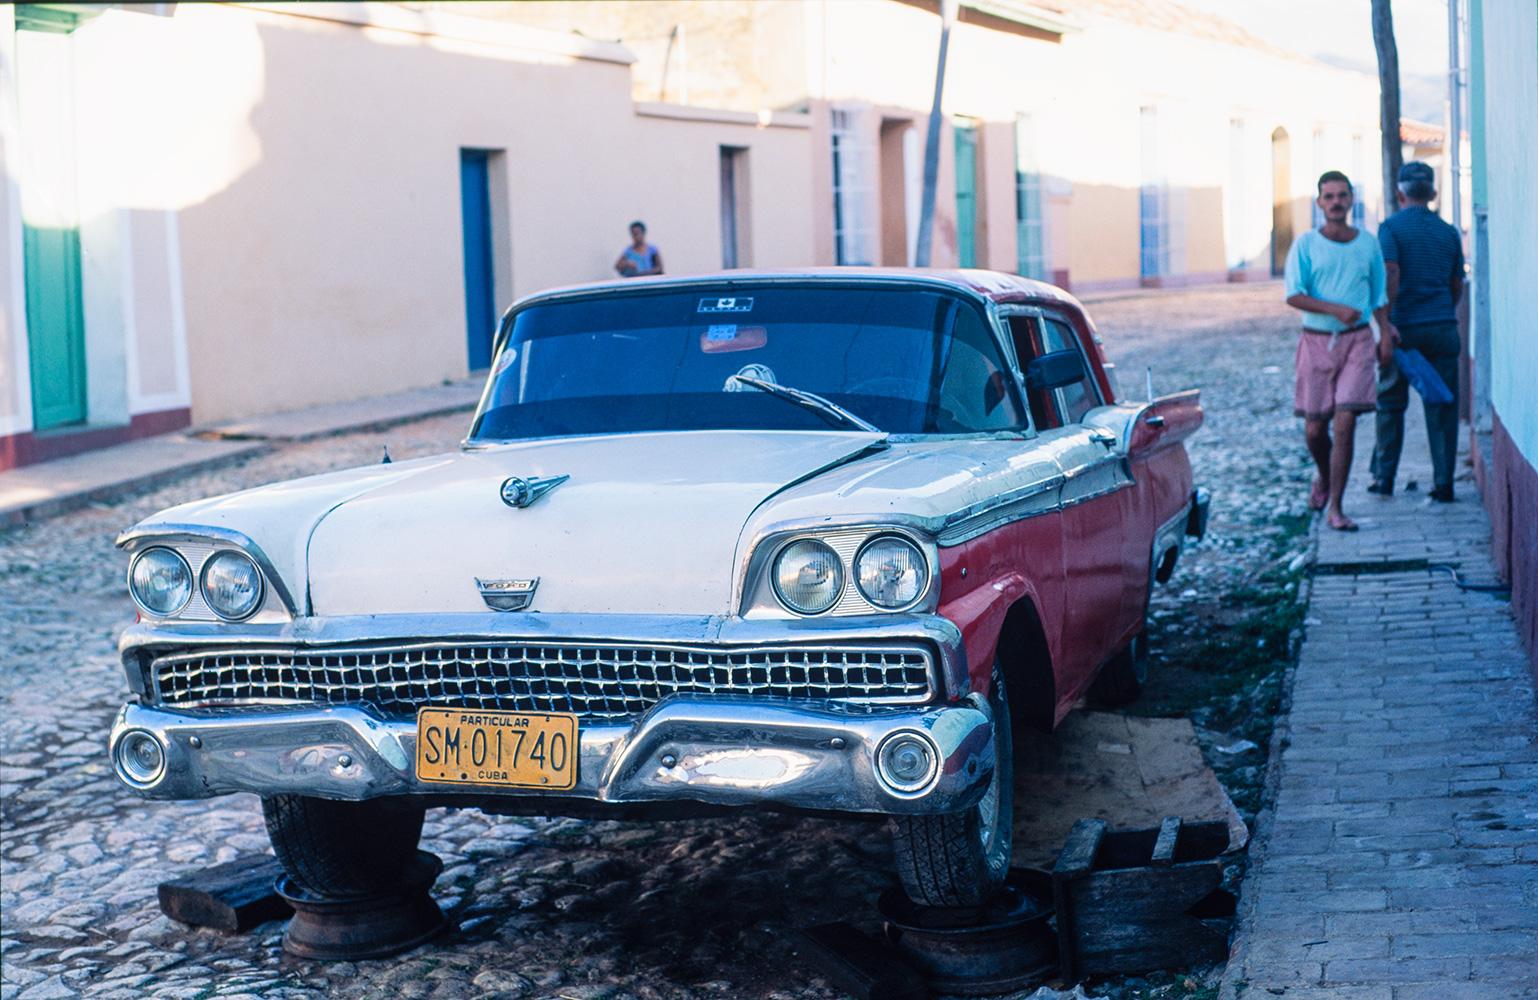 Vintage American Ford, Trinidad, Cuba